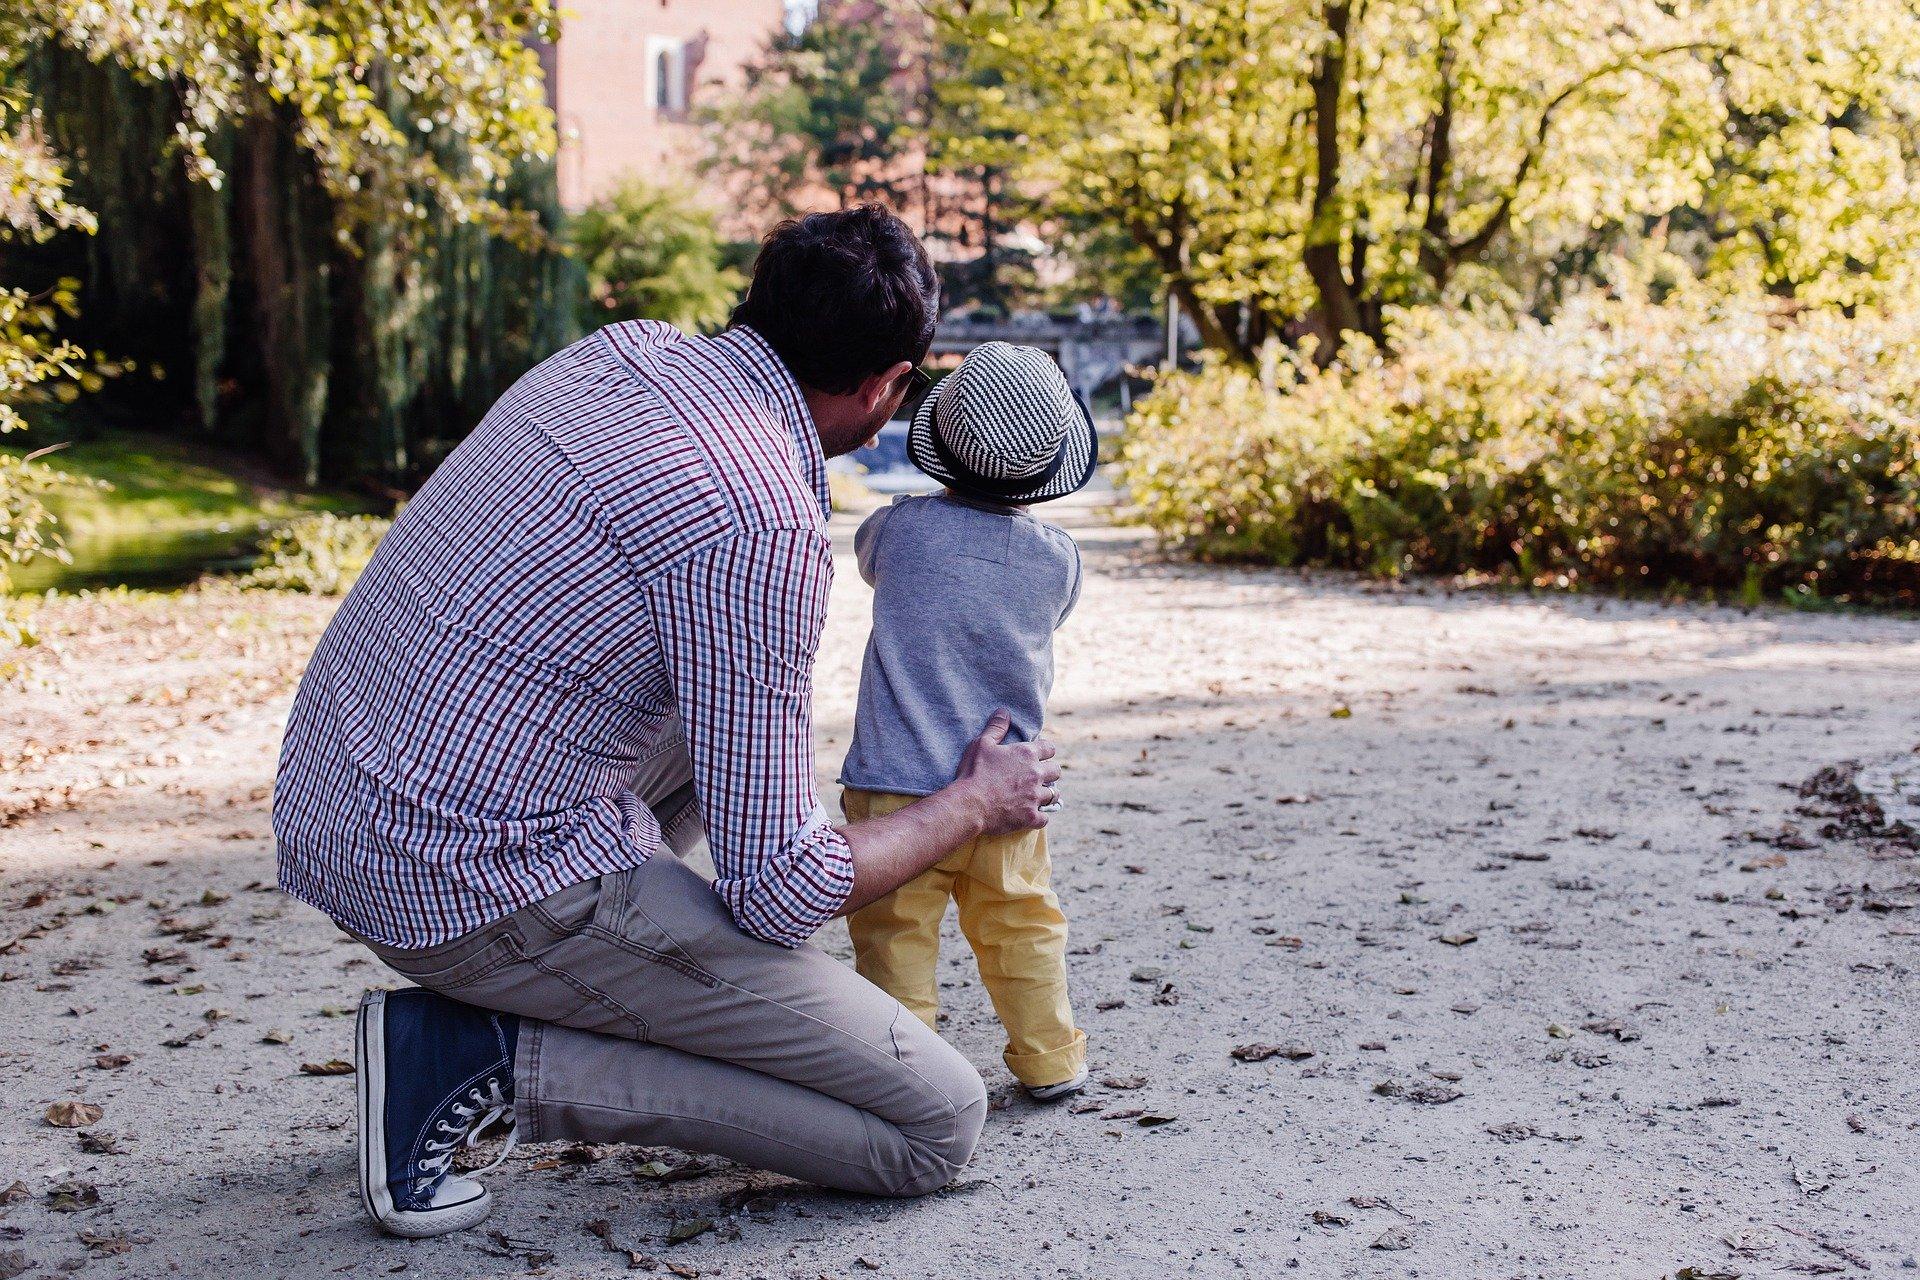 Relatividad, paternidad y kilómetros